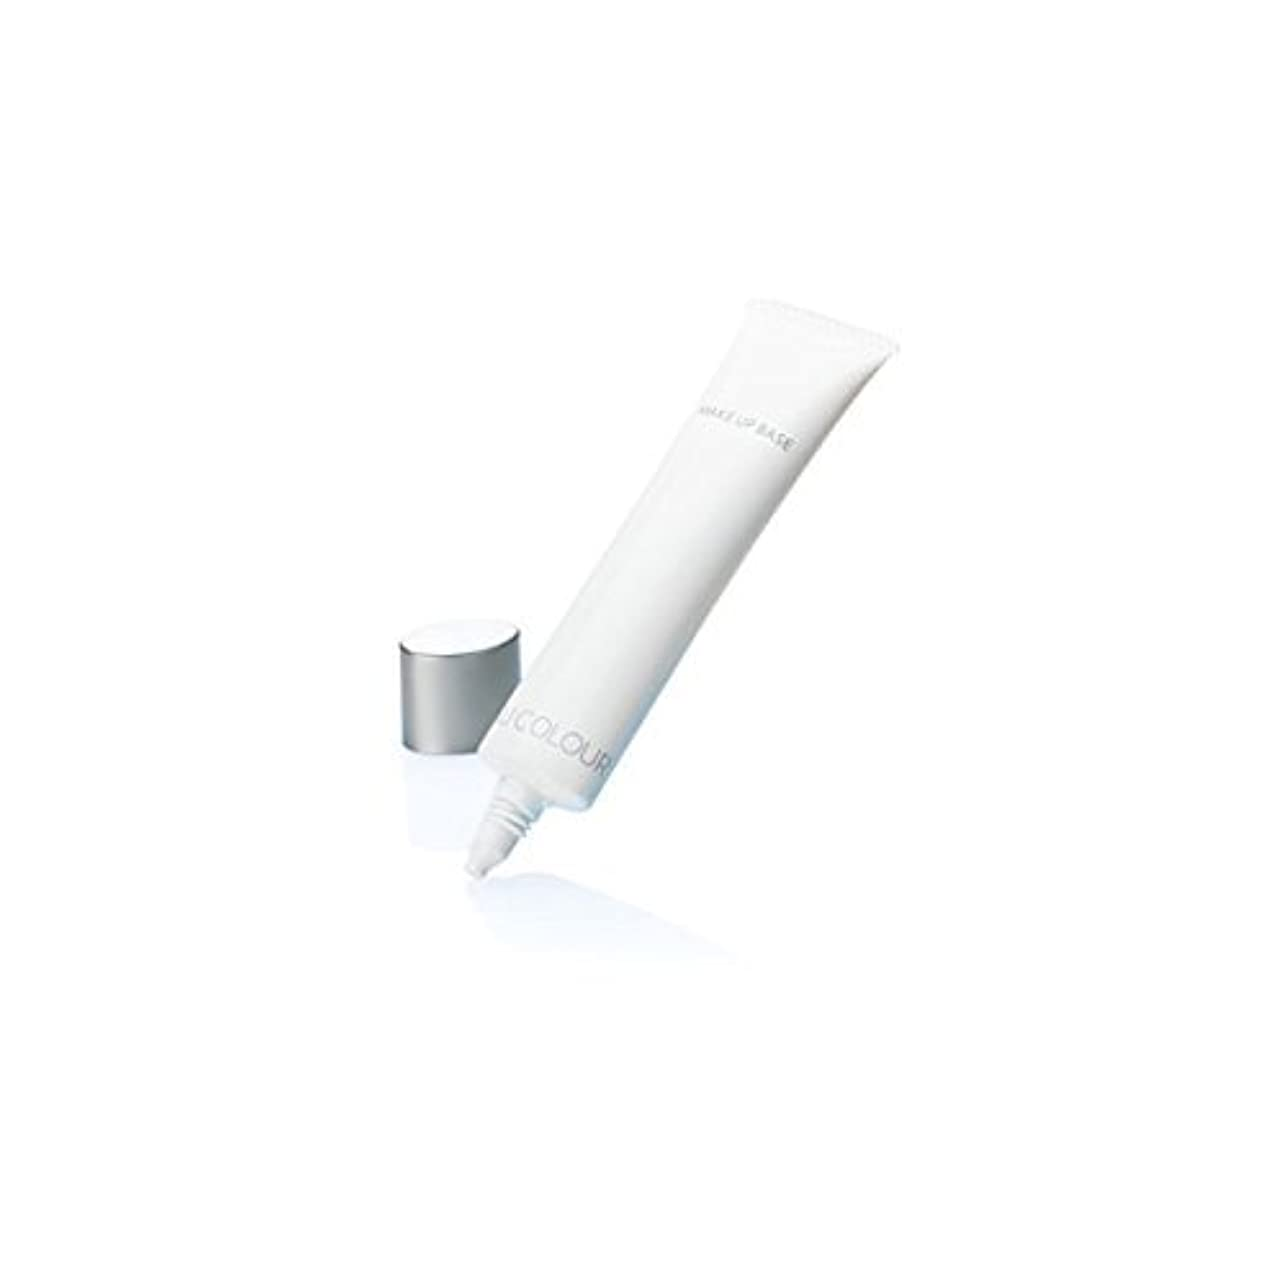 地球機械的にローズニュースキン NU SKIN UV メイクアップ ベース SPF18?PA++ クリア 03160813